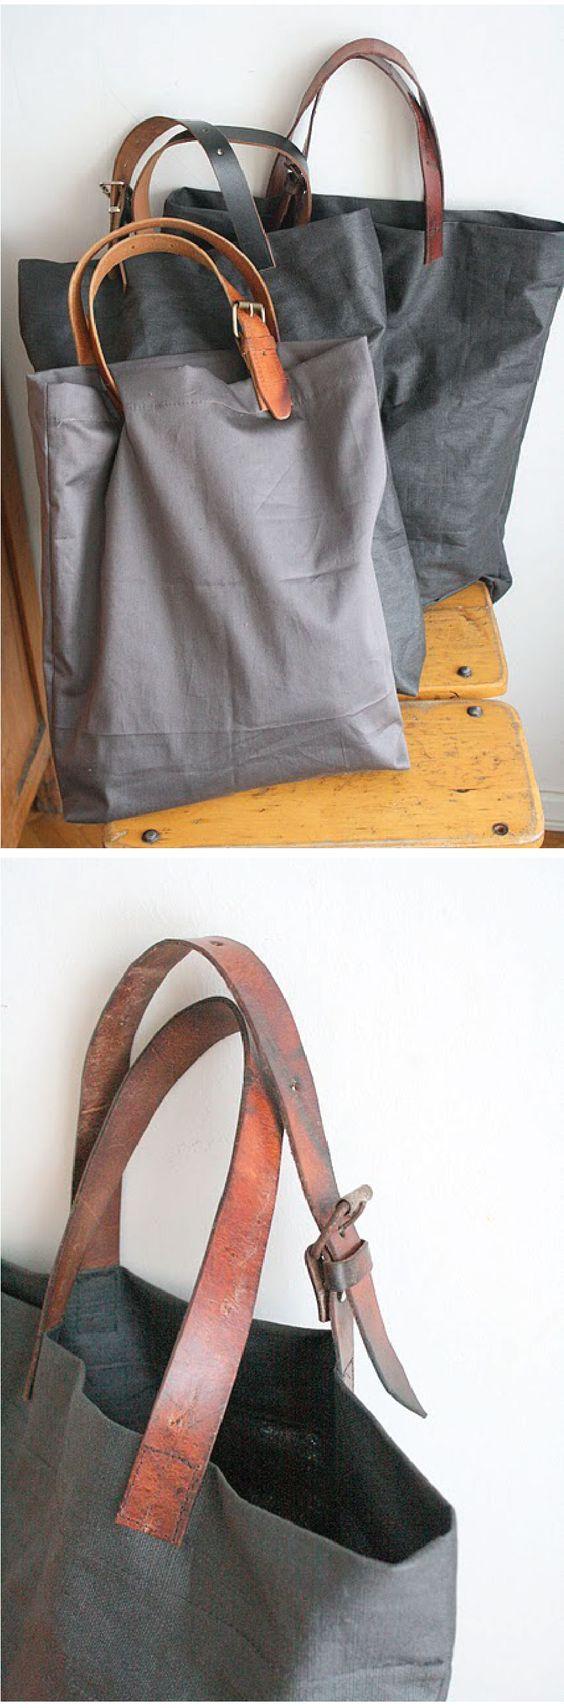 sacs fabriquer soi m me ceintures and sacs on pinterest. Black Bedroom Furniture Sets. Home Design Ideas